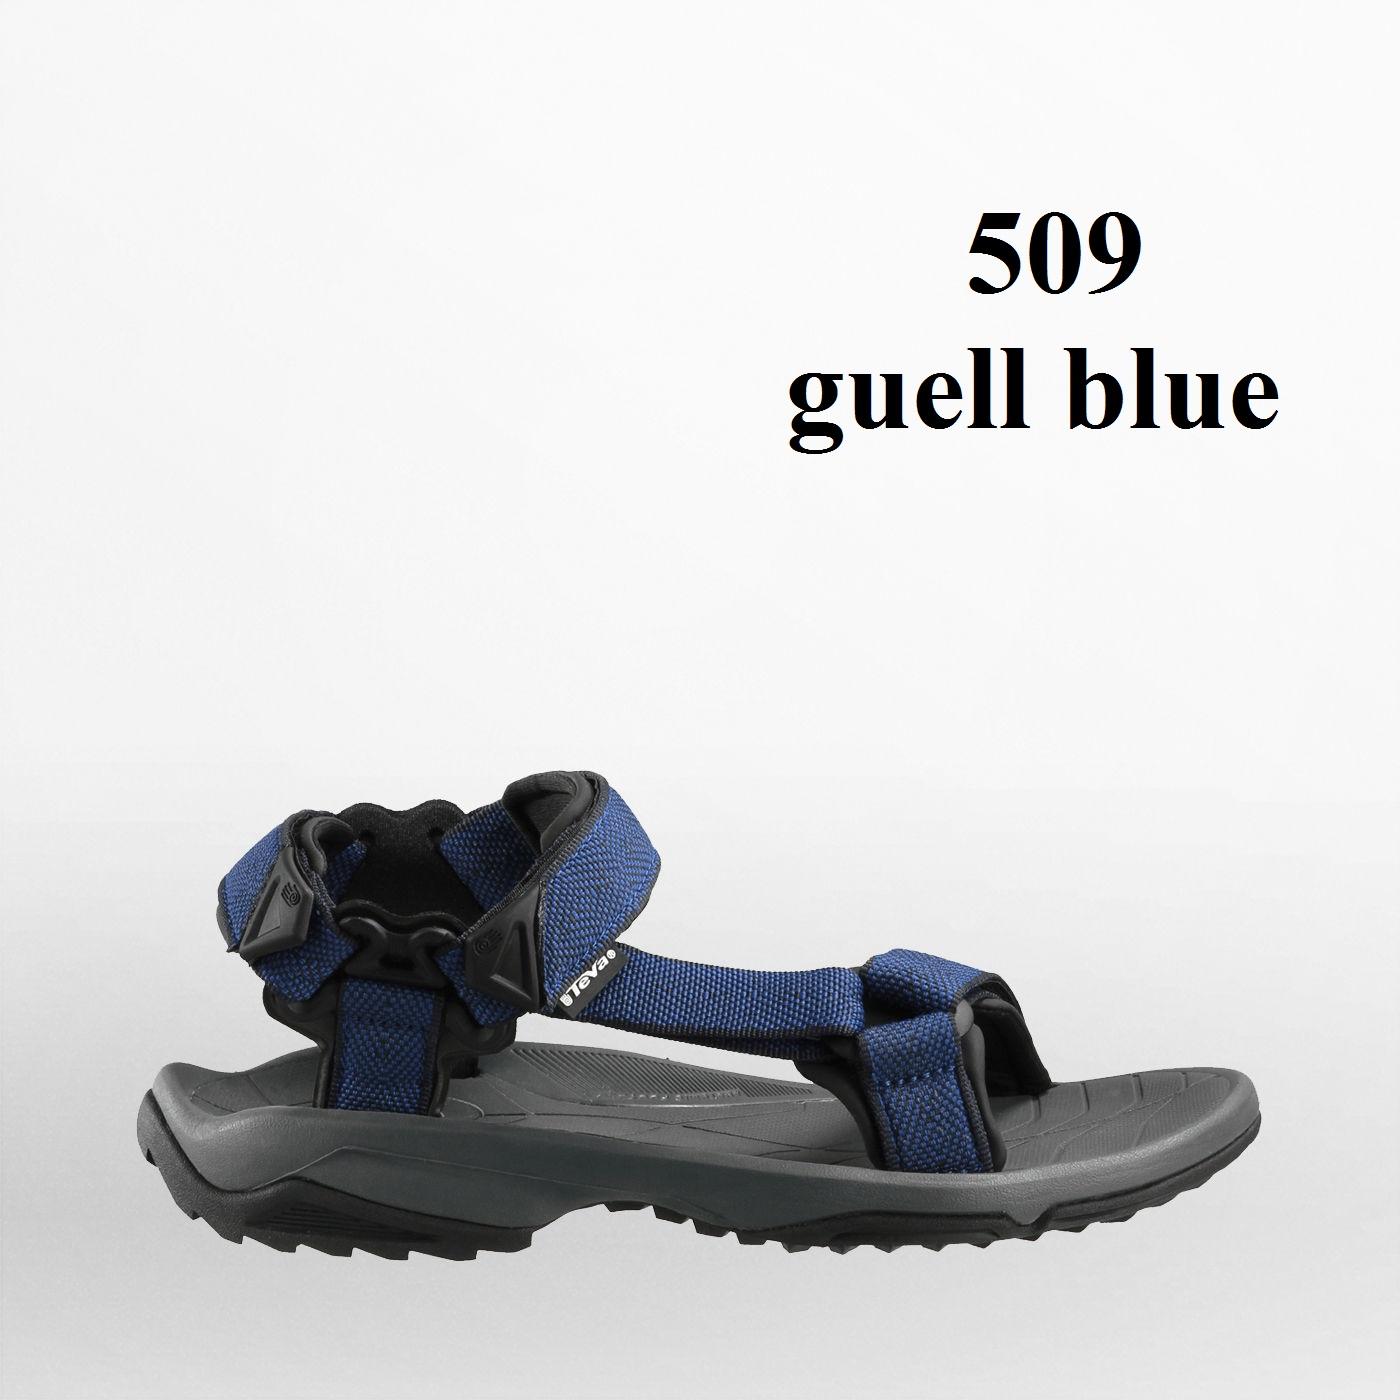 1001473-GLBL_1